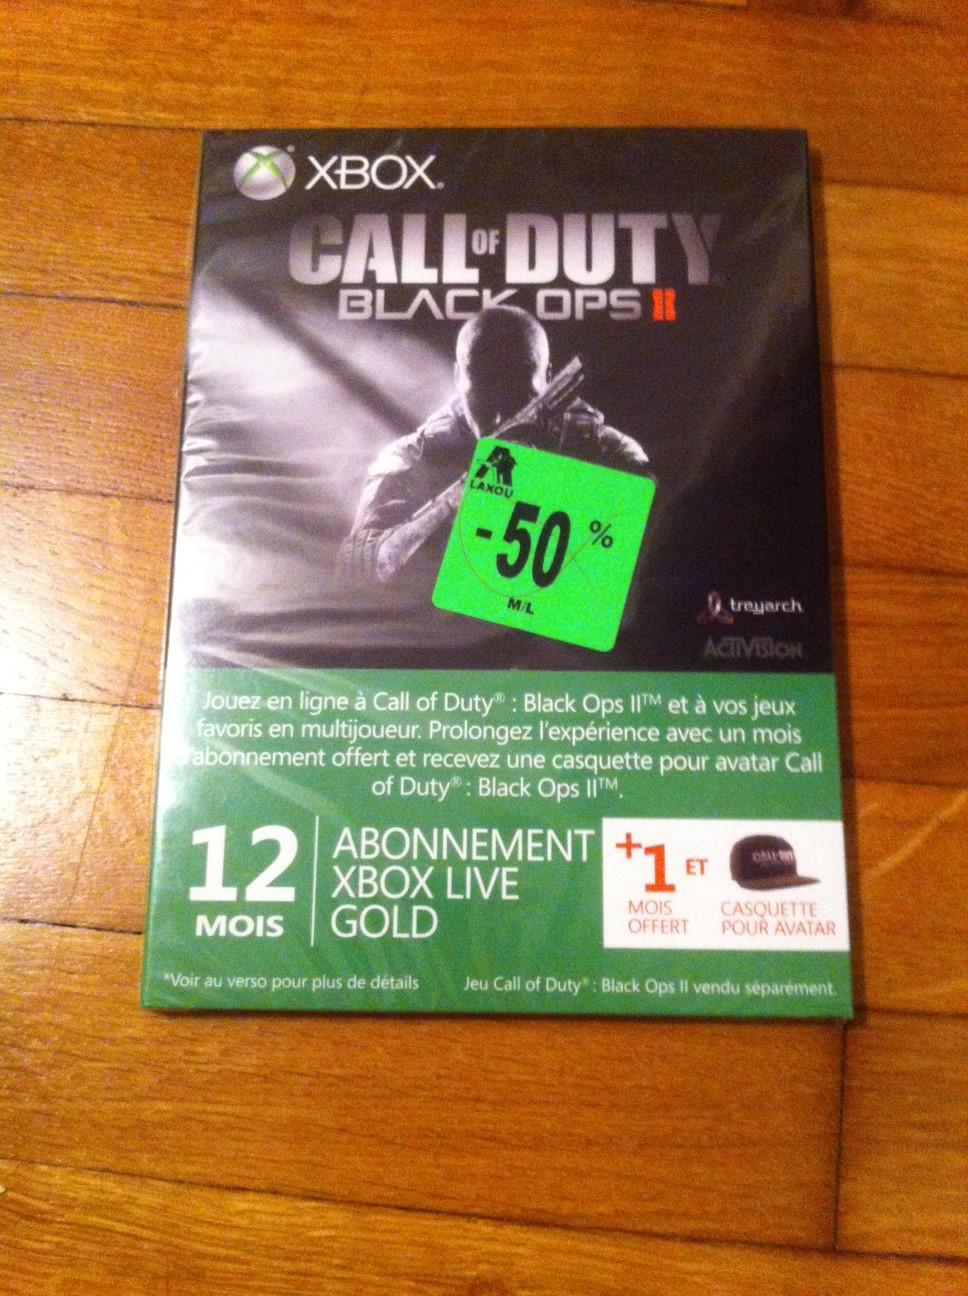 12+1 mois d'abonnement Xbox Live